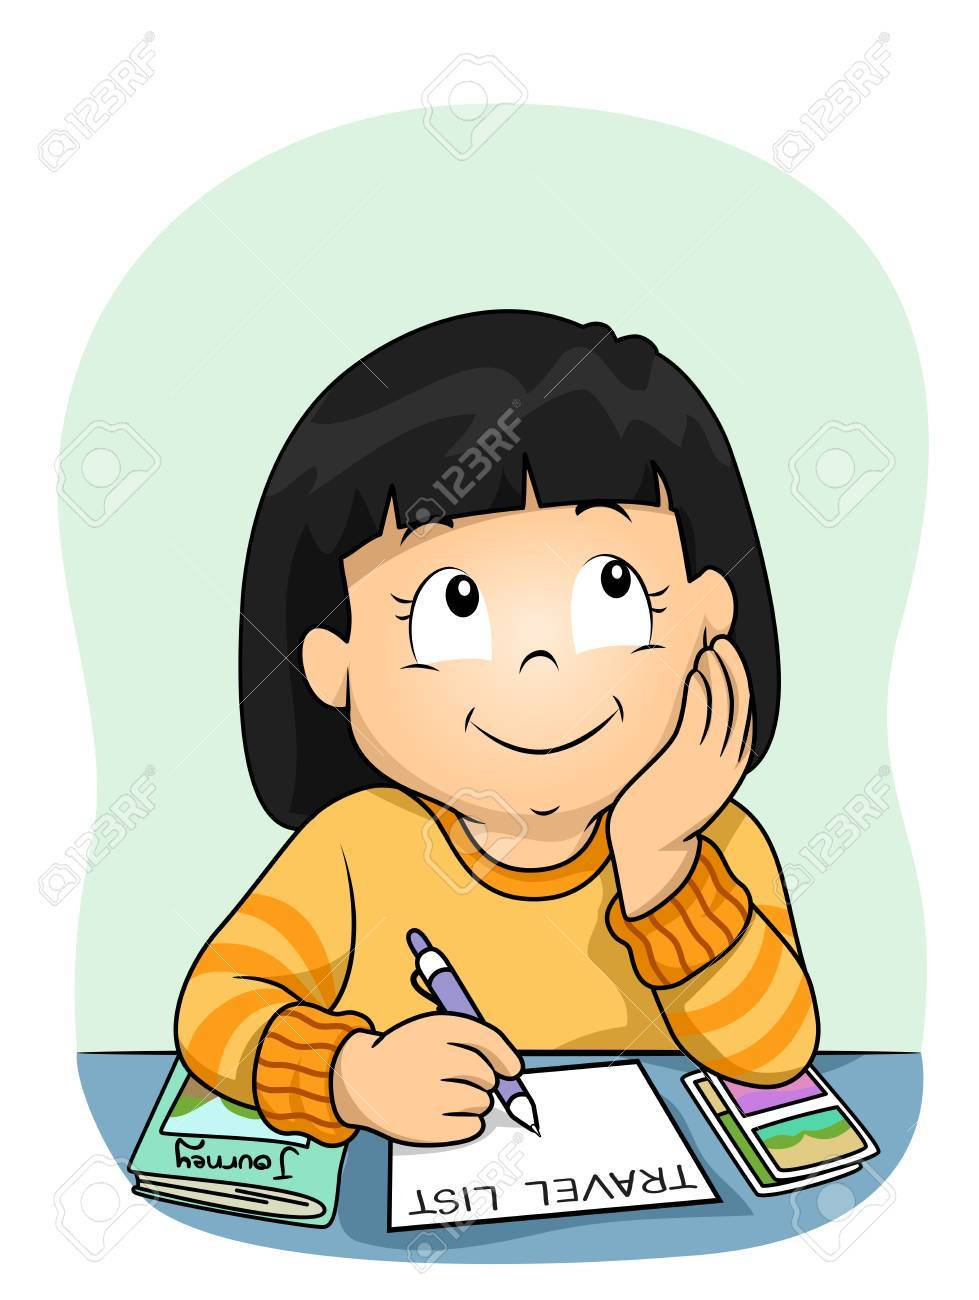 考え彼女の旅行のリストについて書く子供女の子のイラスト の写真素材